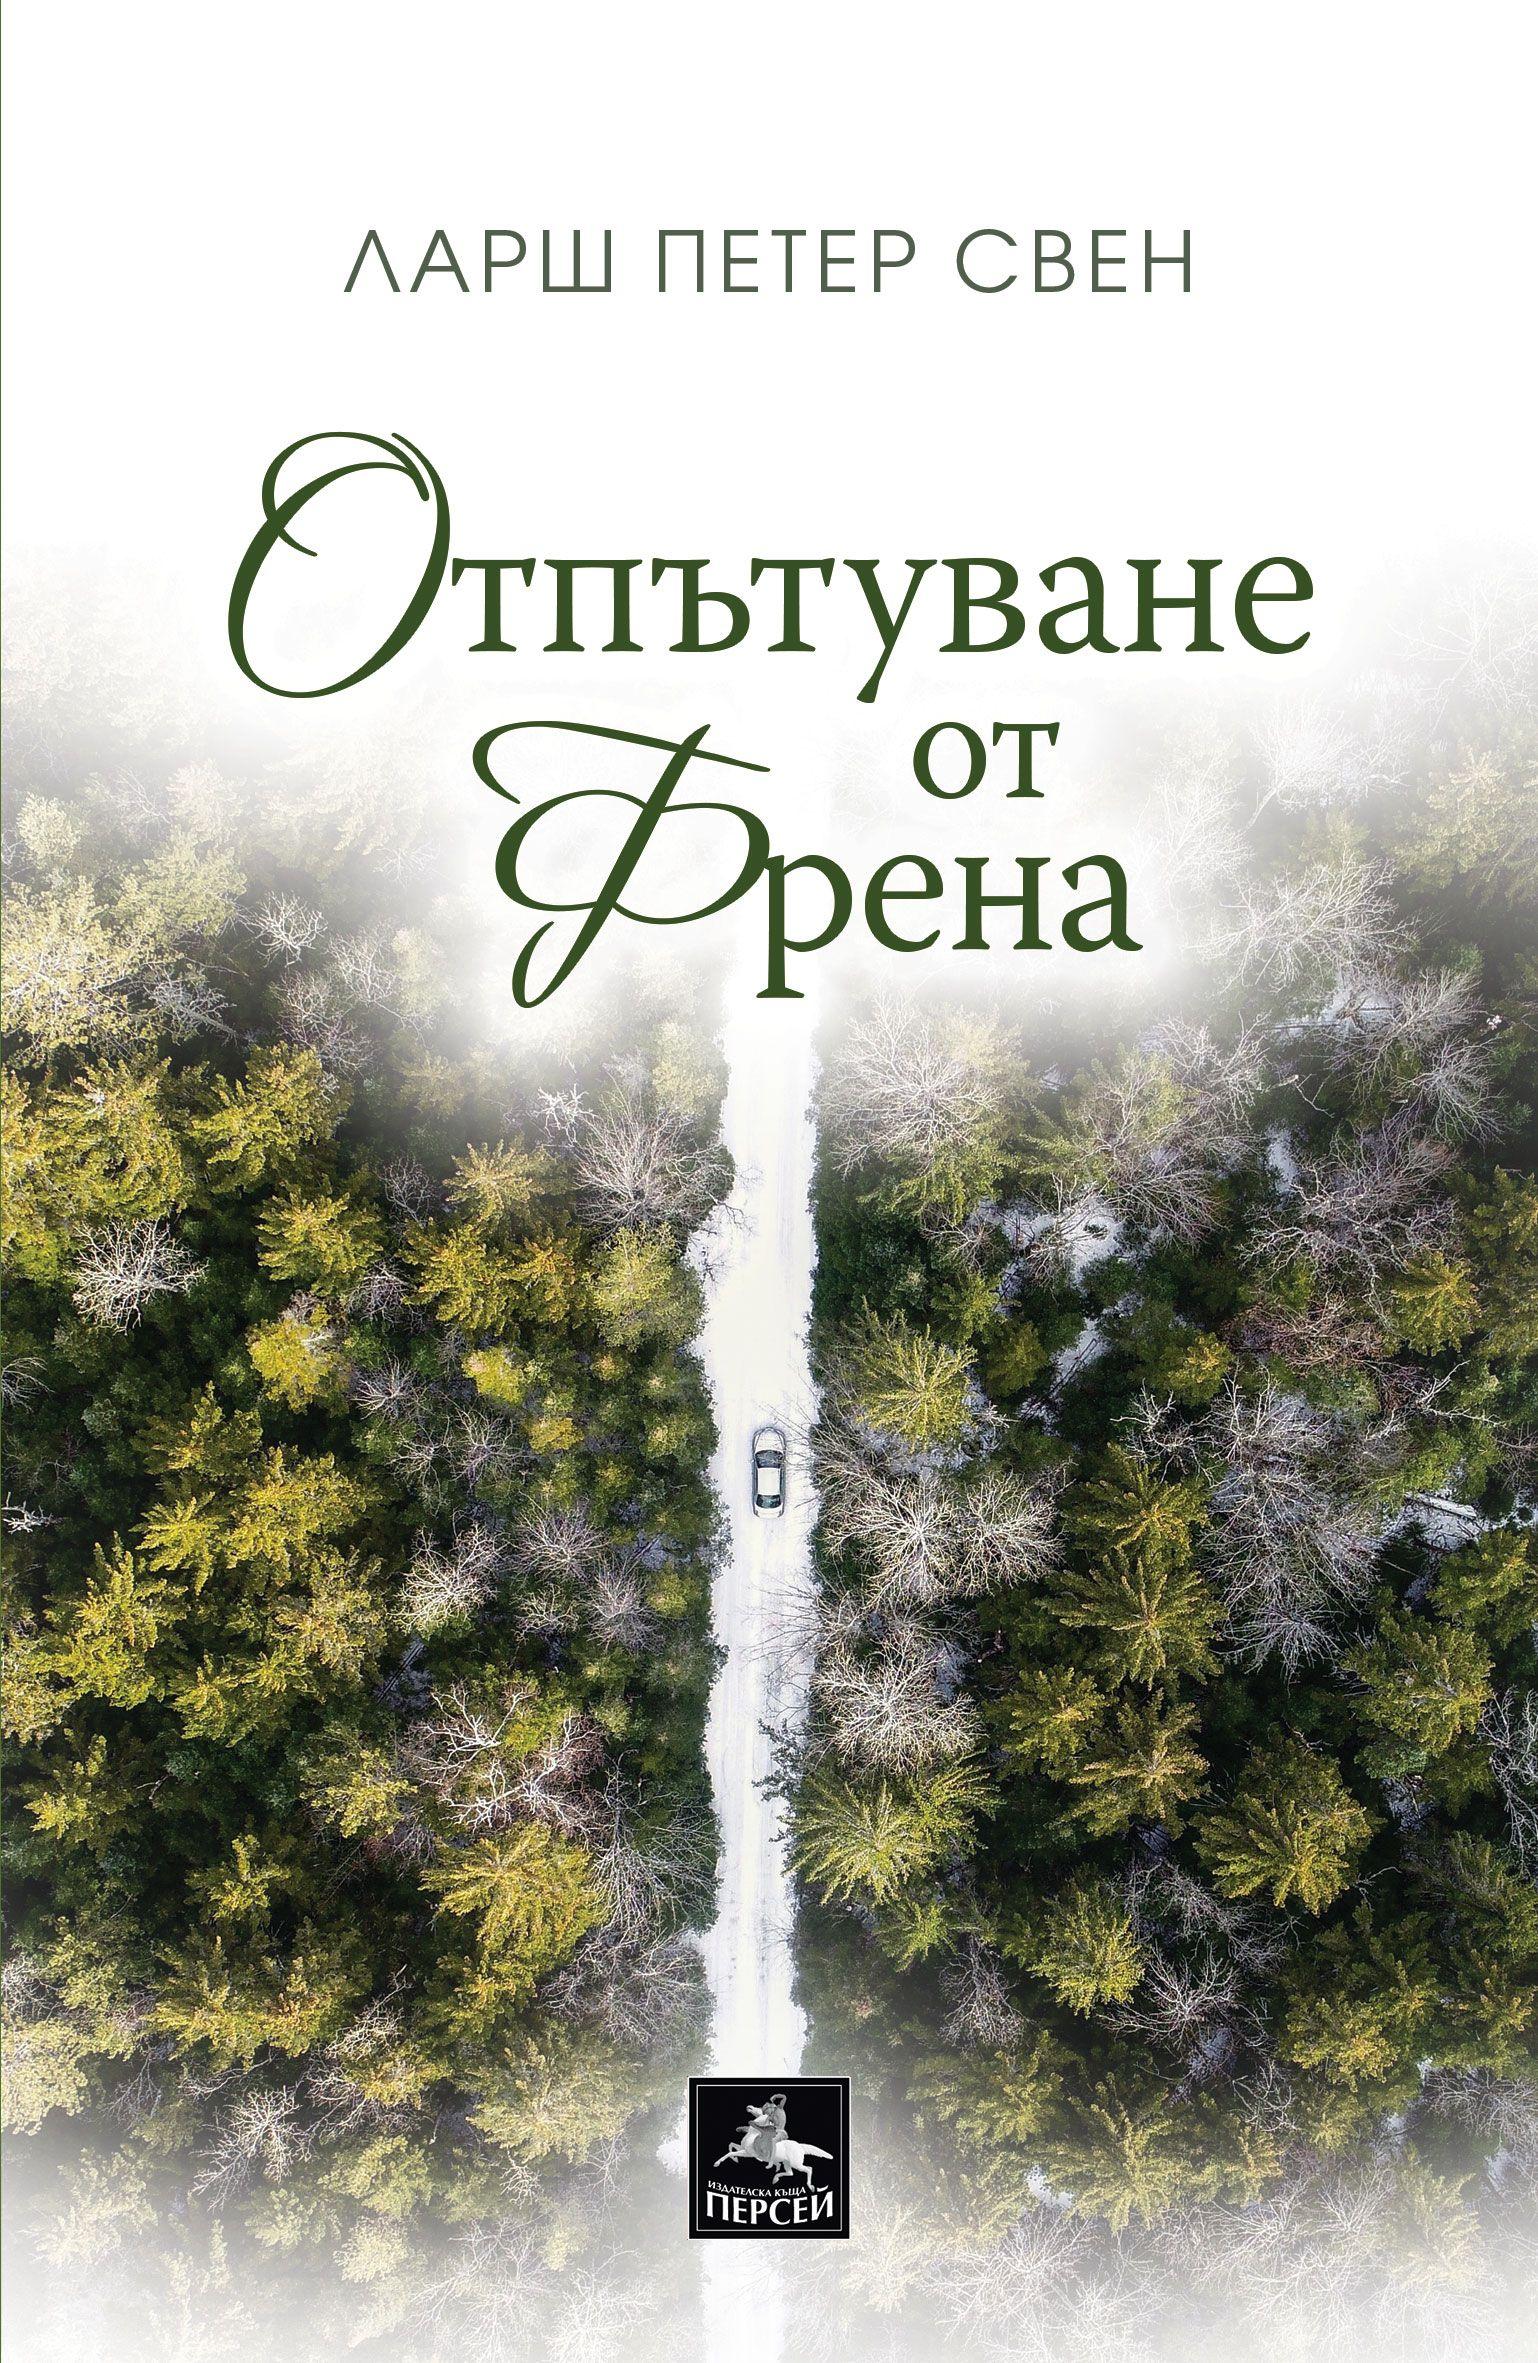 """Излиза дебютната """"Отпътуване от Френа"""" на Ларш Петер Свен, очакваме и награждавания му роман"""